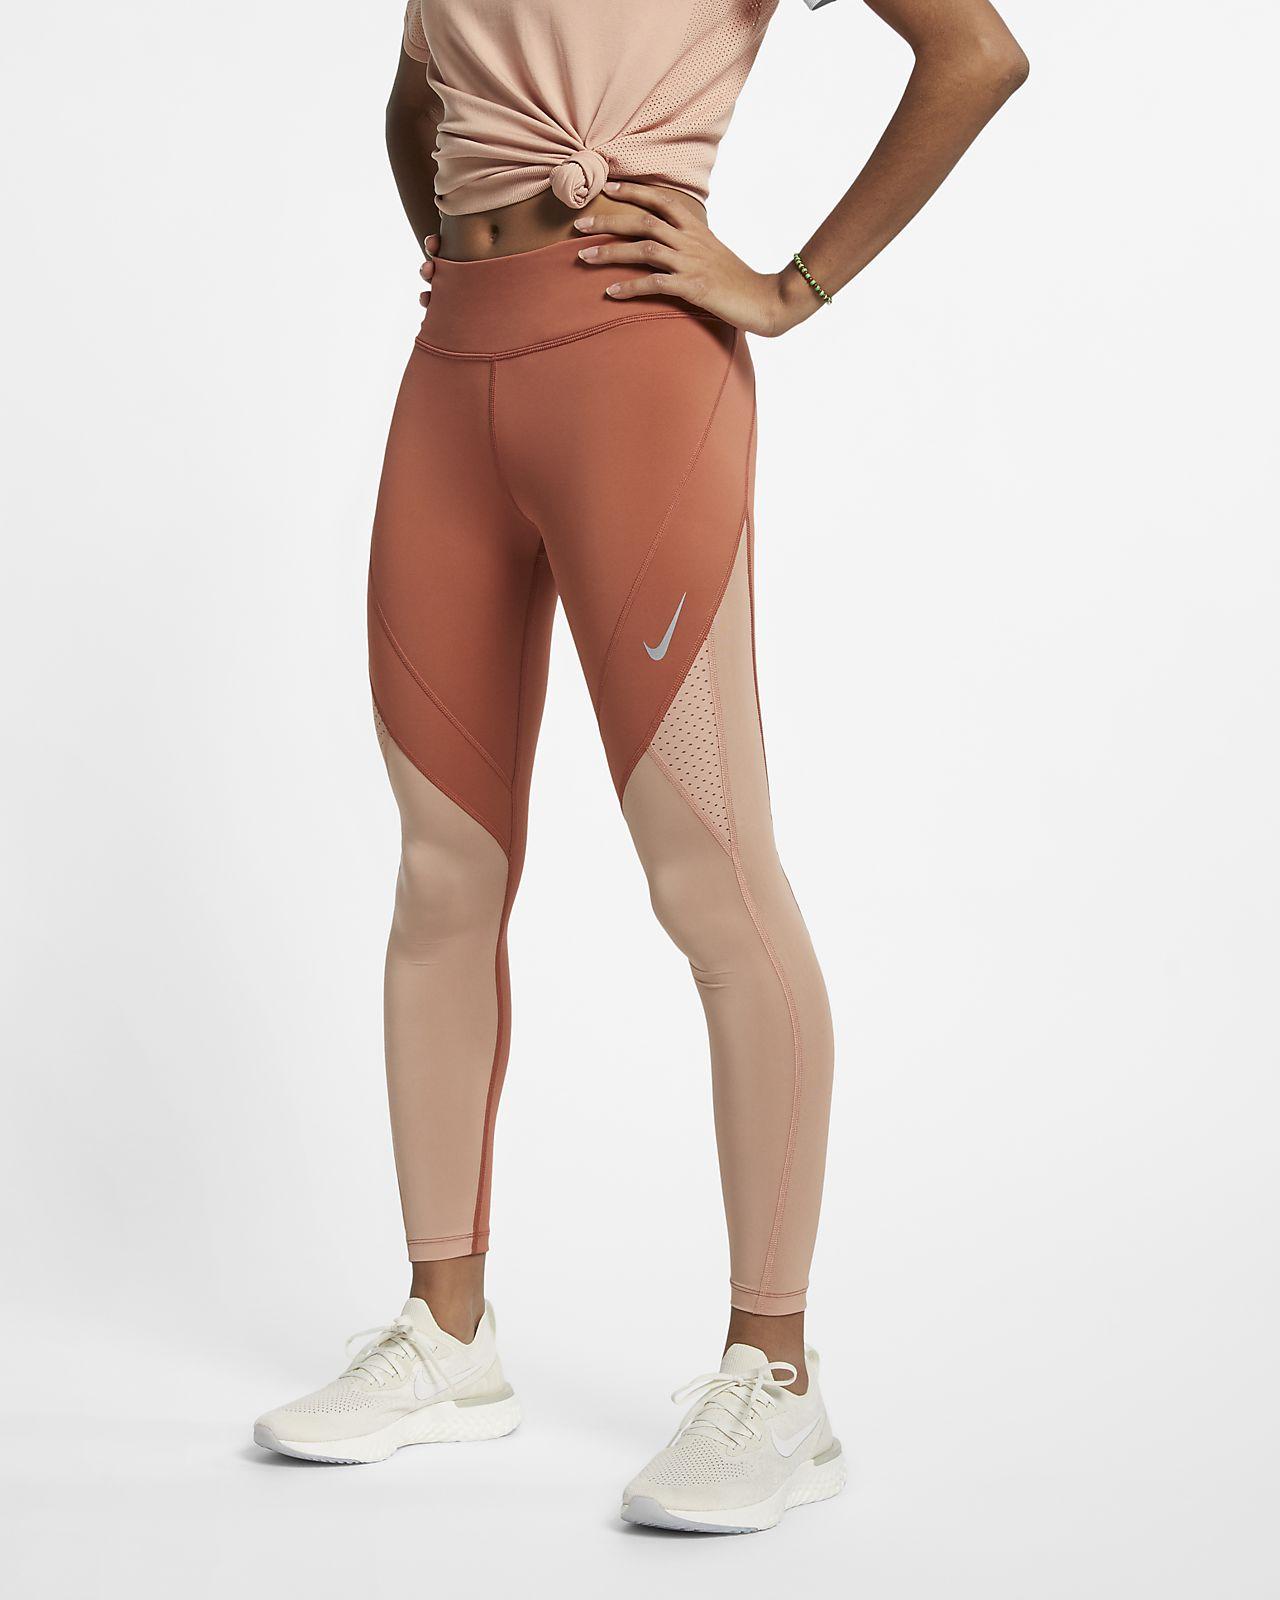 Löpartights i 7/8-längd Nike Epic Lux för kvinnor